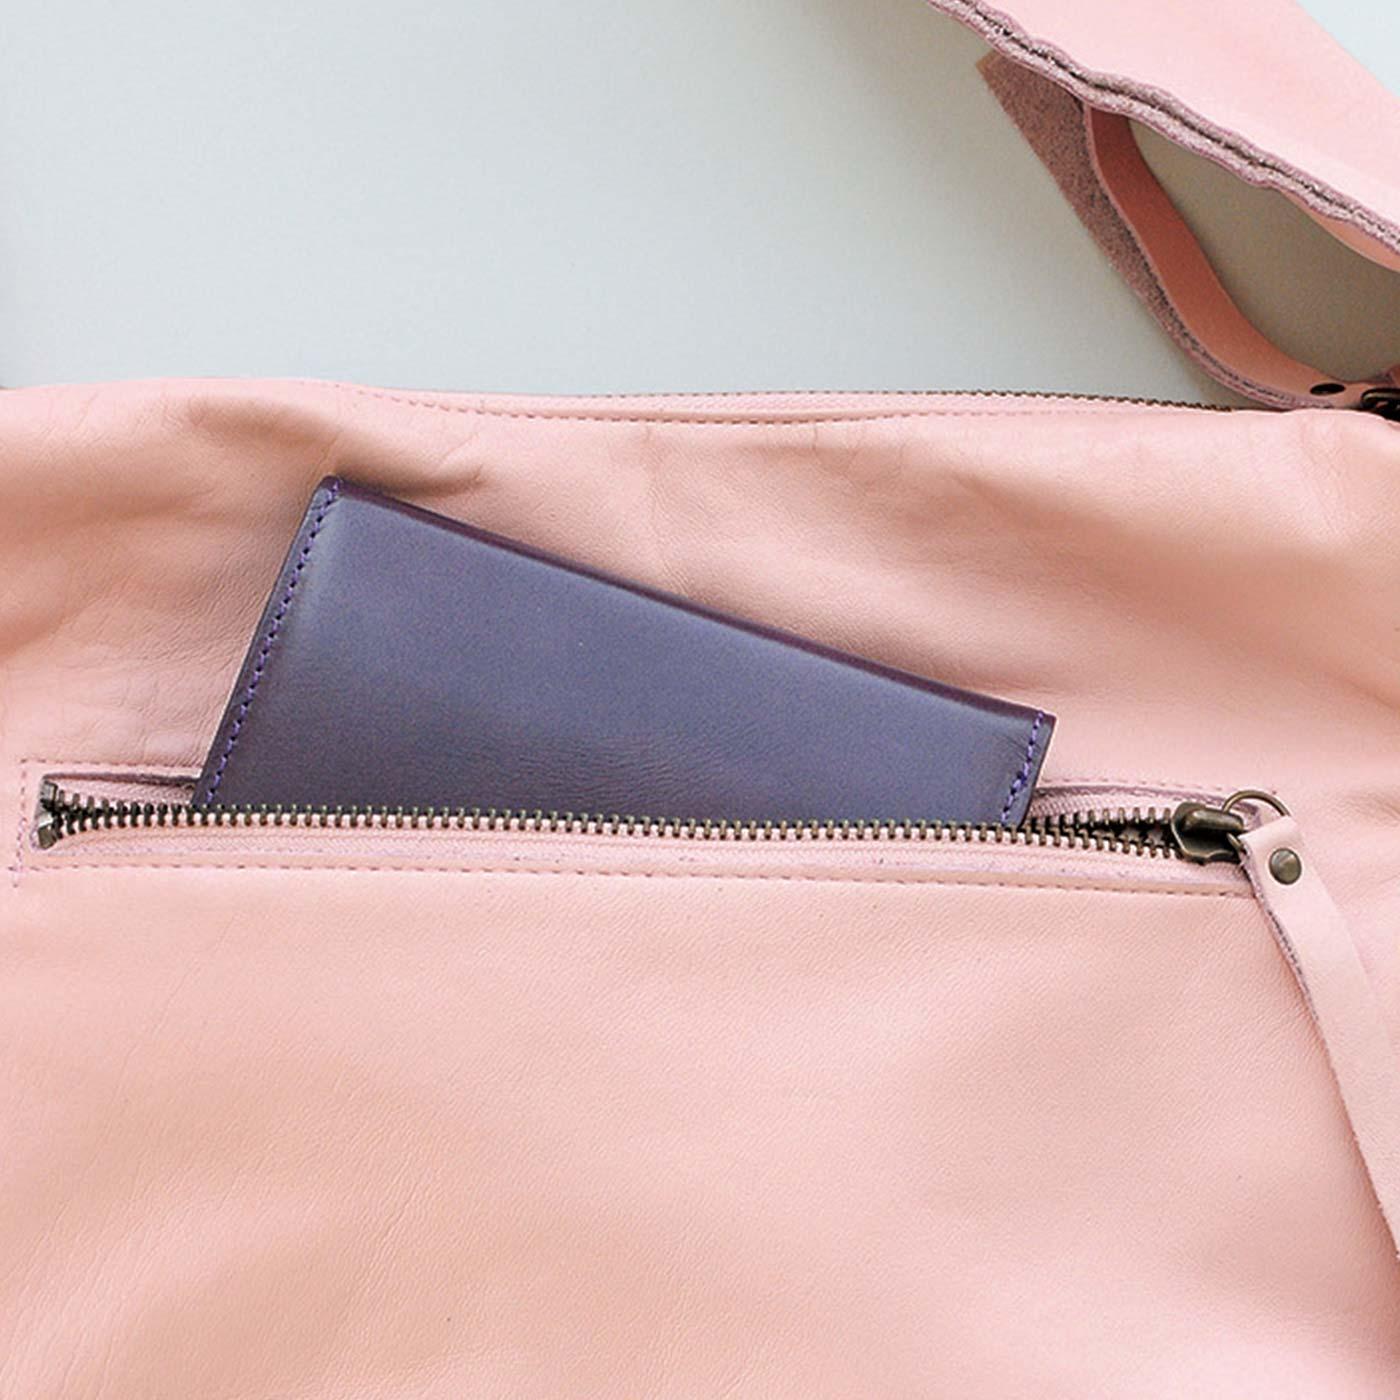 ファスナー付きの後ろポケットはスマートフォンや定期入れなどの収納に。